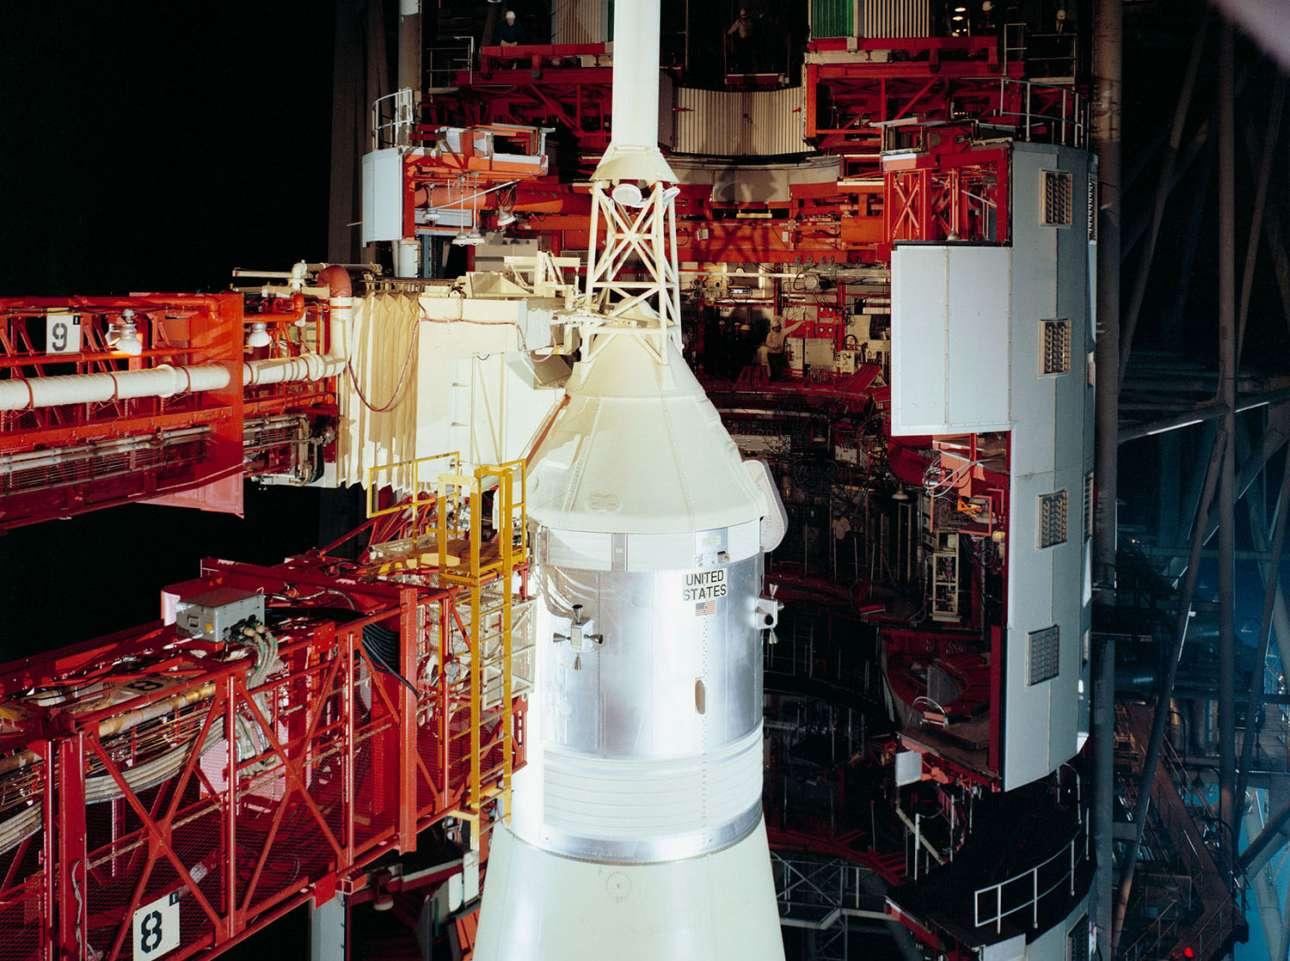 20 Δεκεμβρίου 1968. Το Saturn 503 / Apollo 8 στην πλατφόρμα 39A, μία μέρα πριν από την εκτόξευση